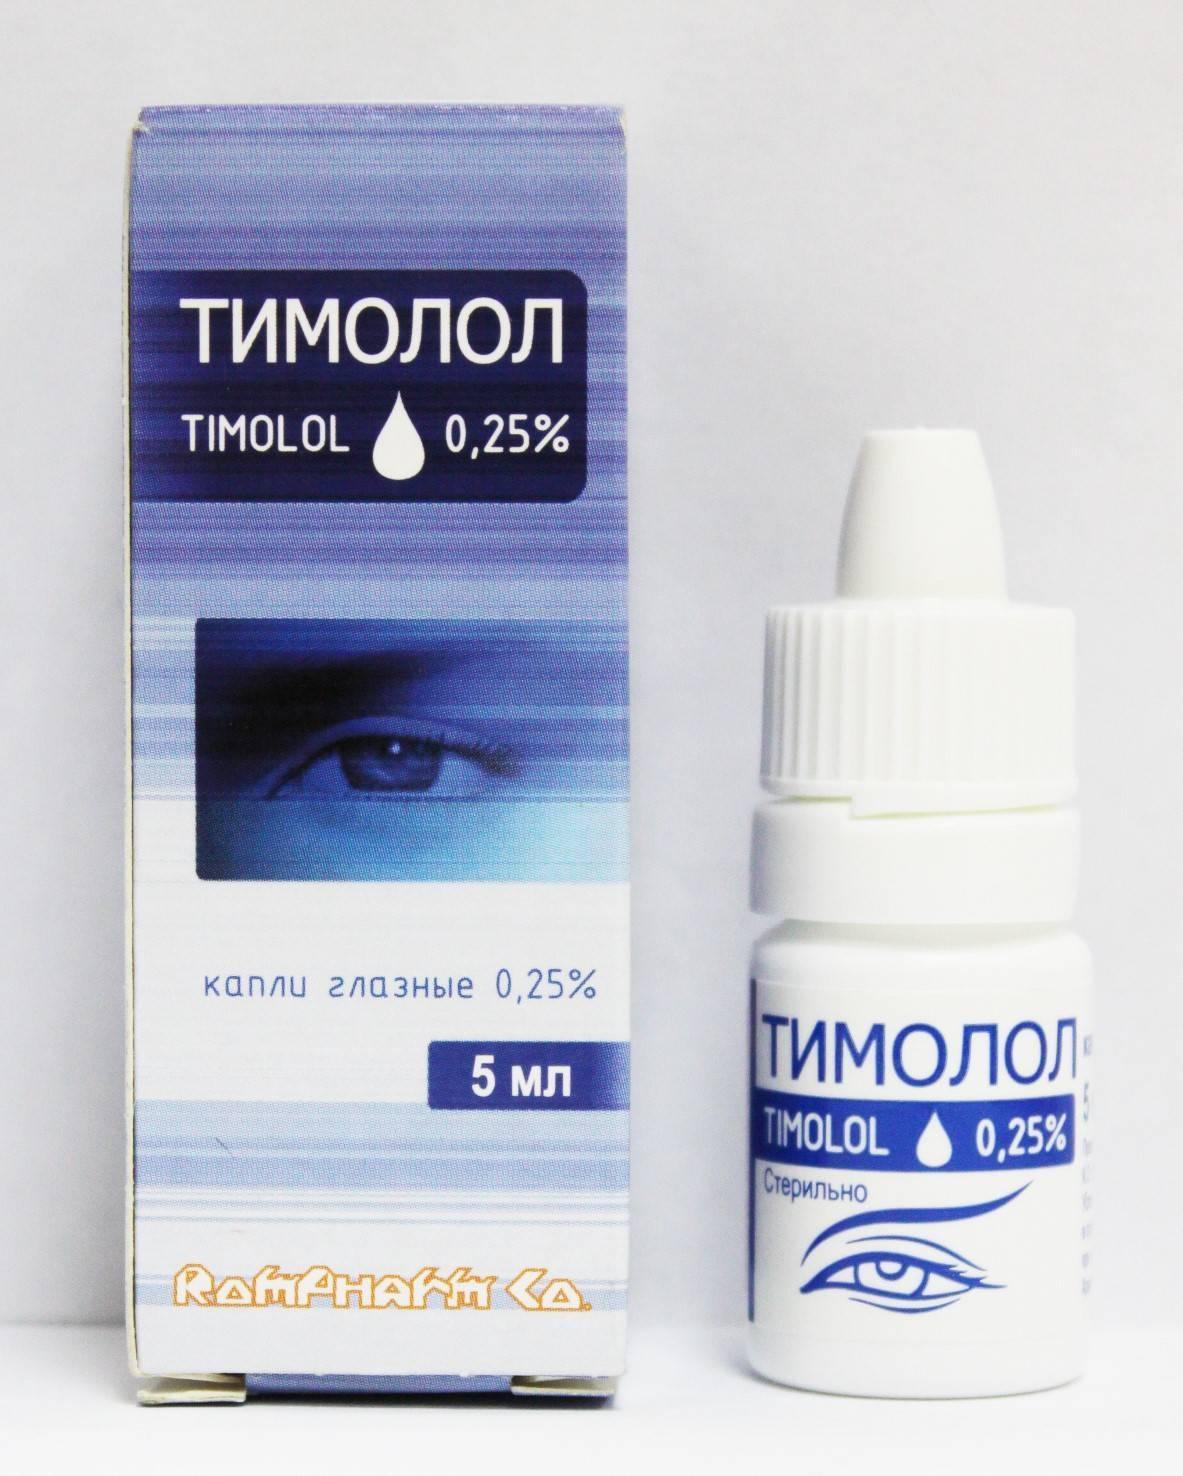 Тимолол глазные капли: инструкция по применению, акос, офтан